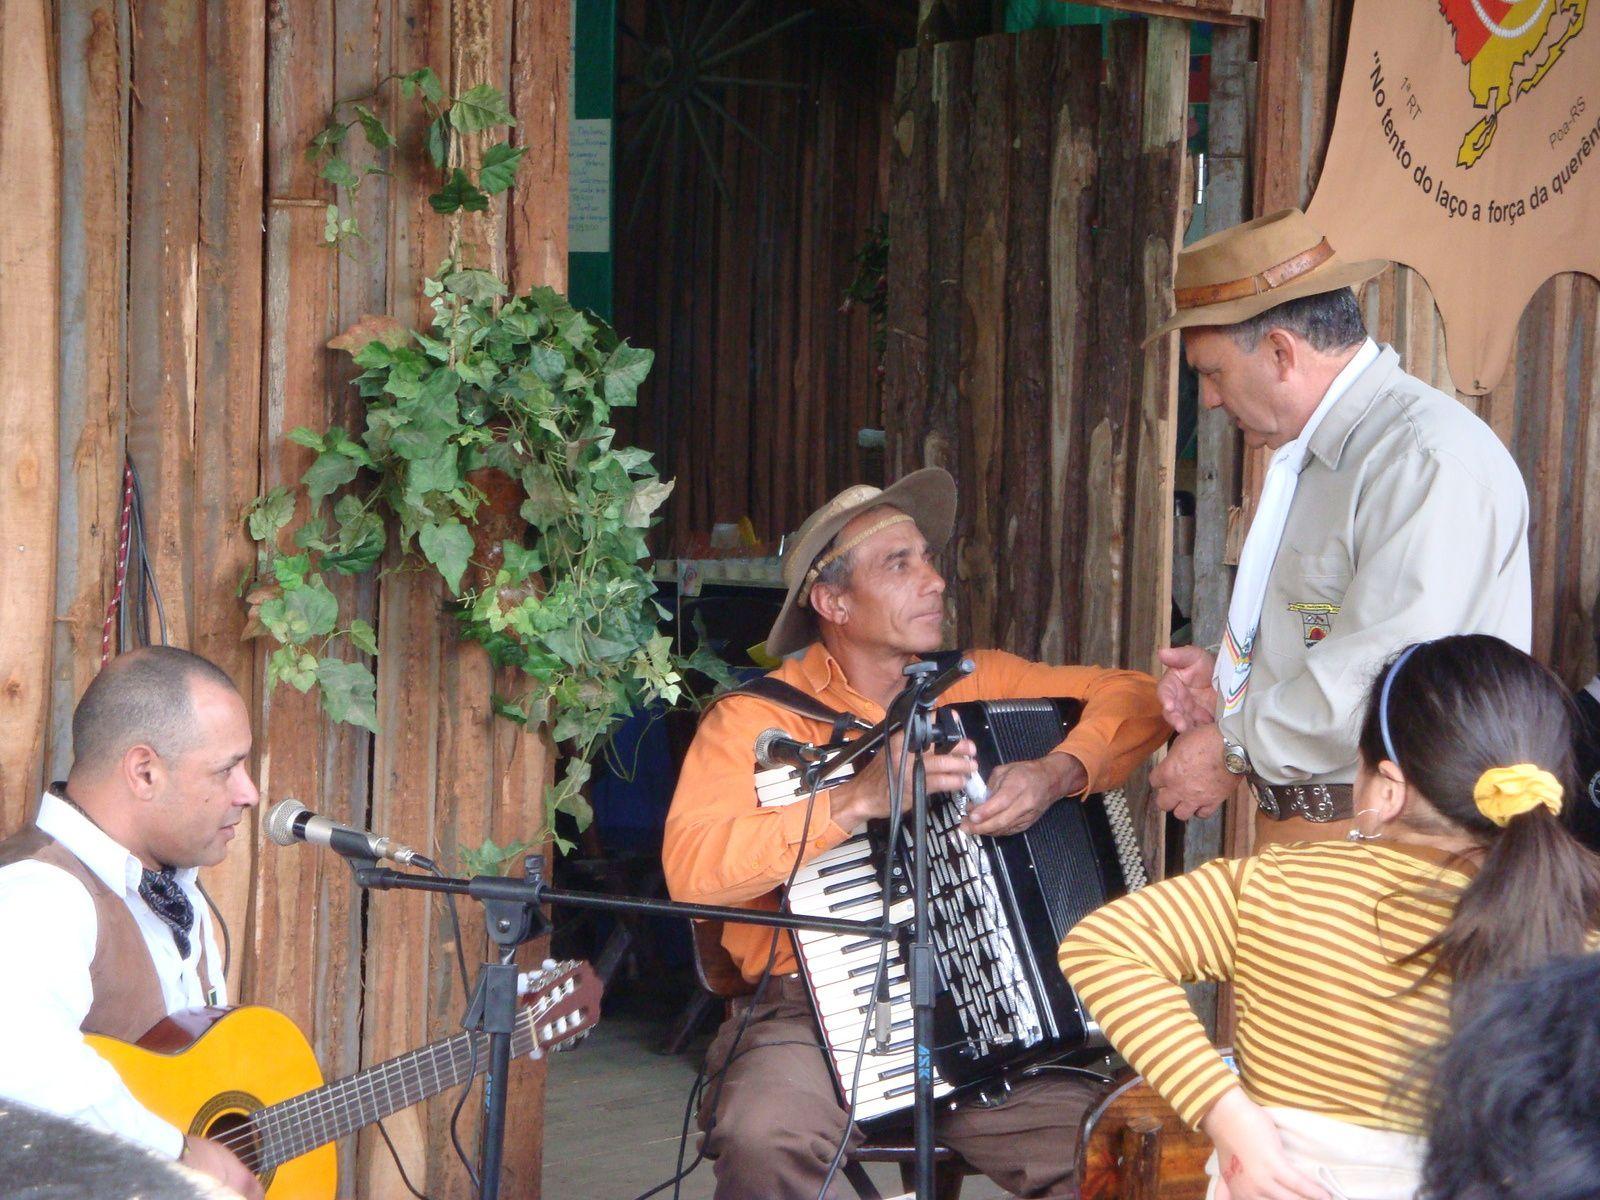 La culture des Gaúchos n'est pas que culinaire et vestimentaire, elle est aussi musicale.